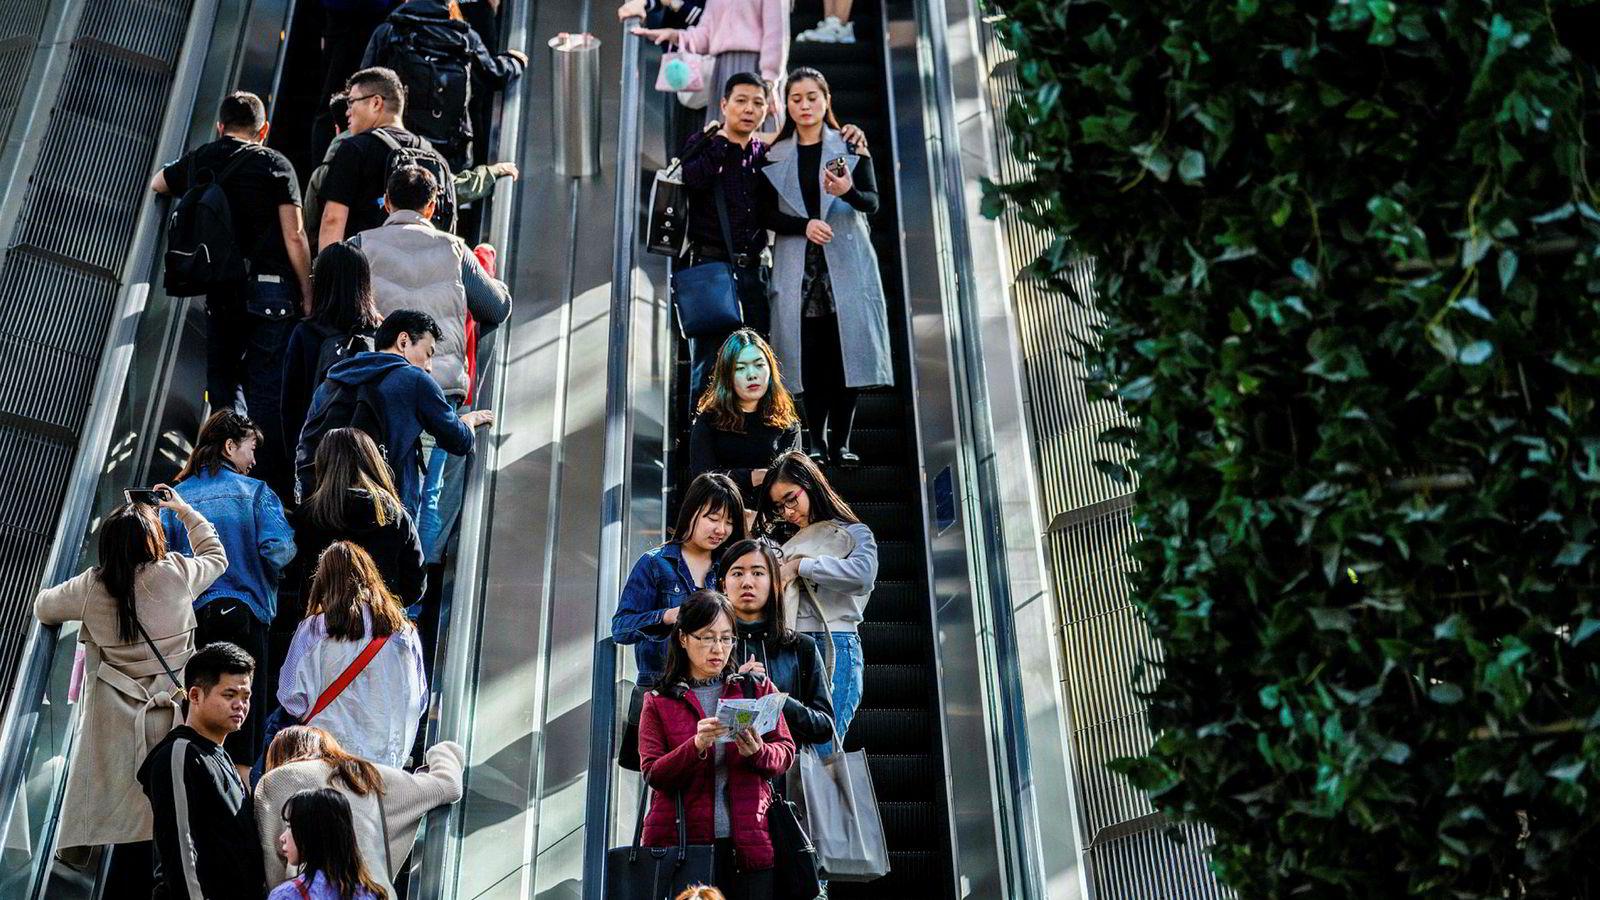 Investorer i Hongkong er beryktet for risikovilje, men svært utsatt for hva som skjer i Kina og USA. Kursene har falt kraftig ved Hongkong-børsen i år.